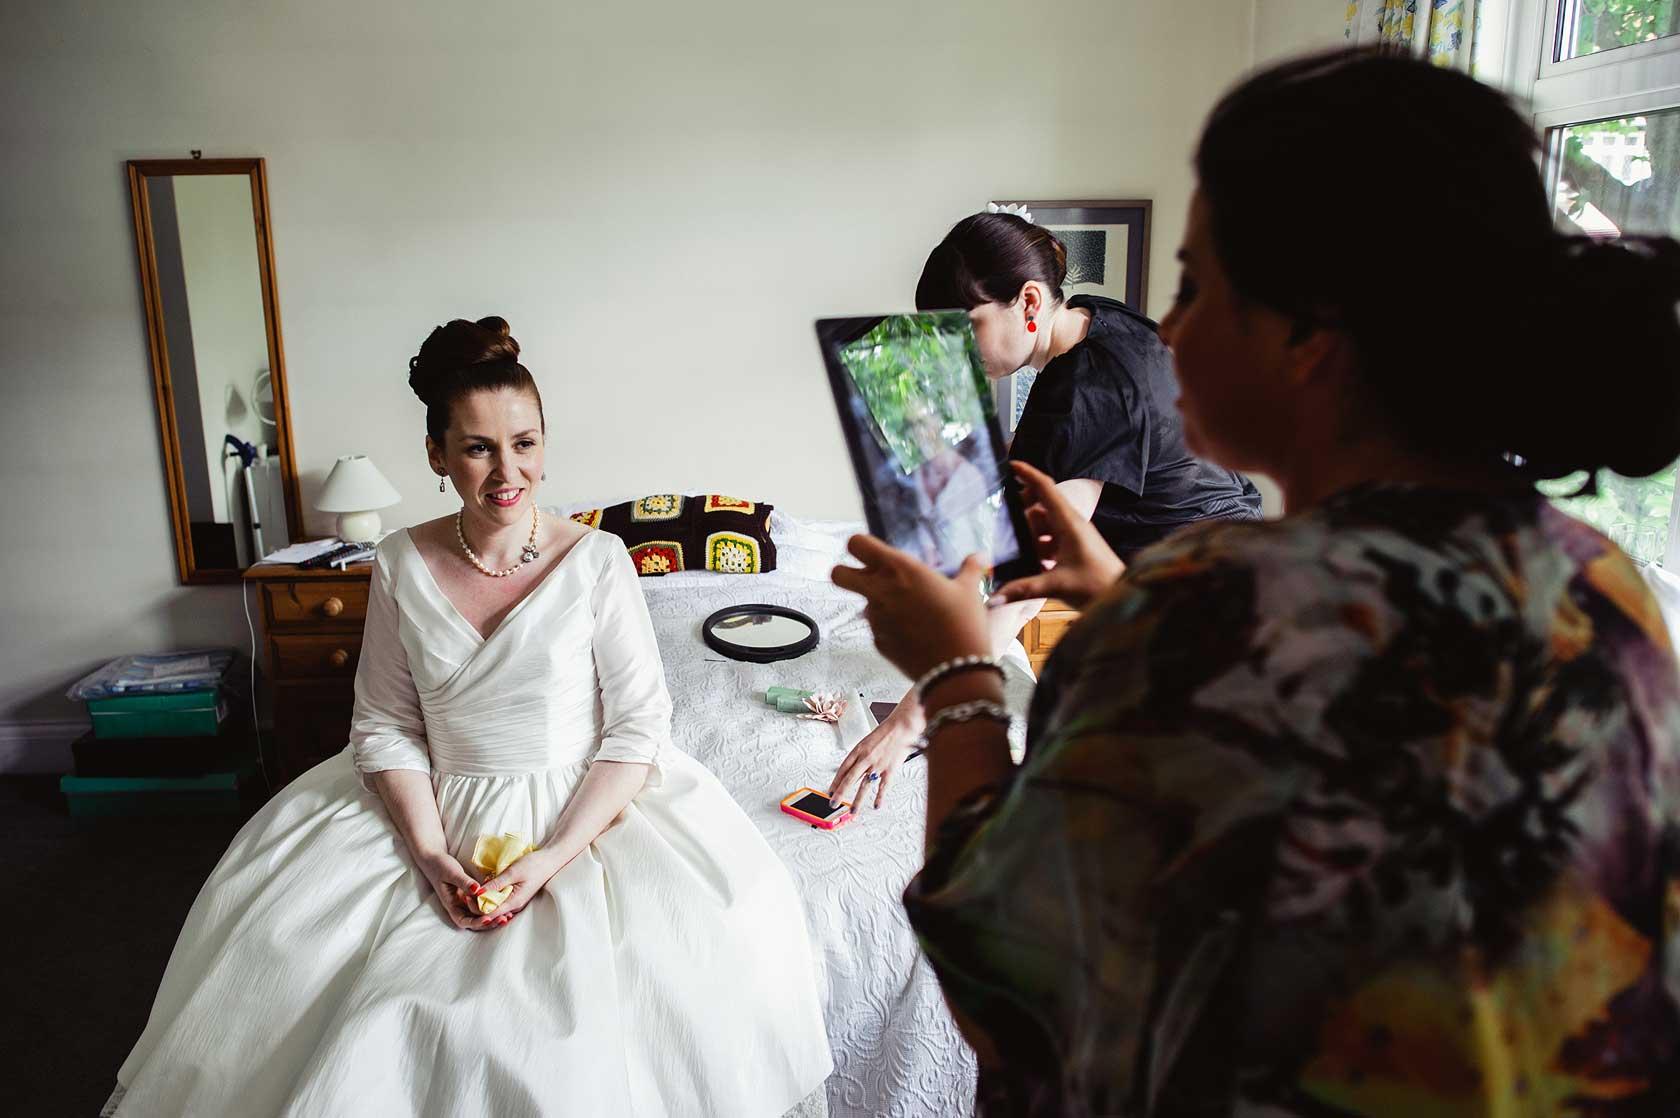 A make-up artist taking a photograph